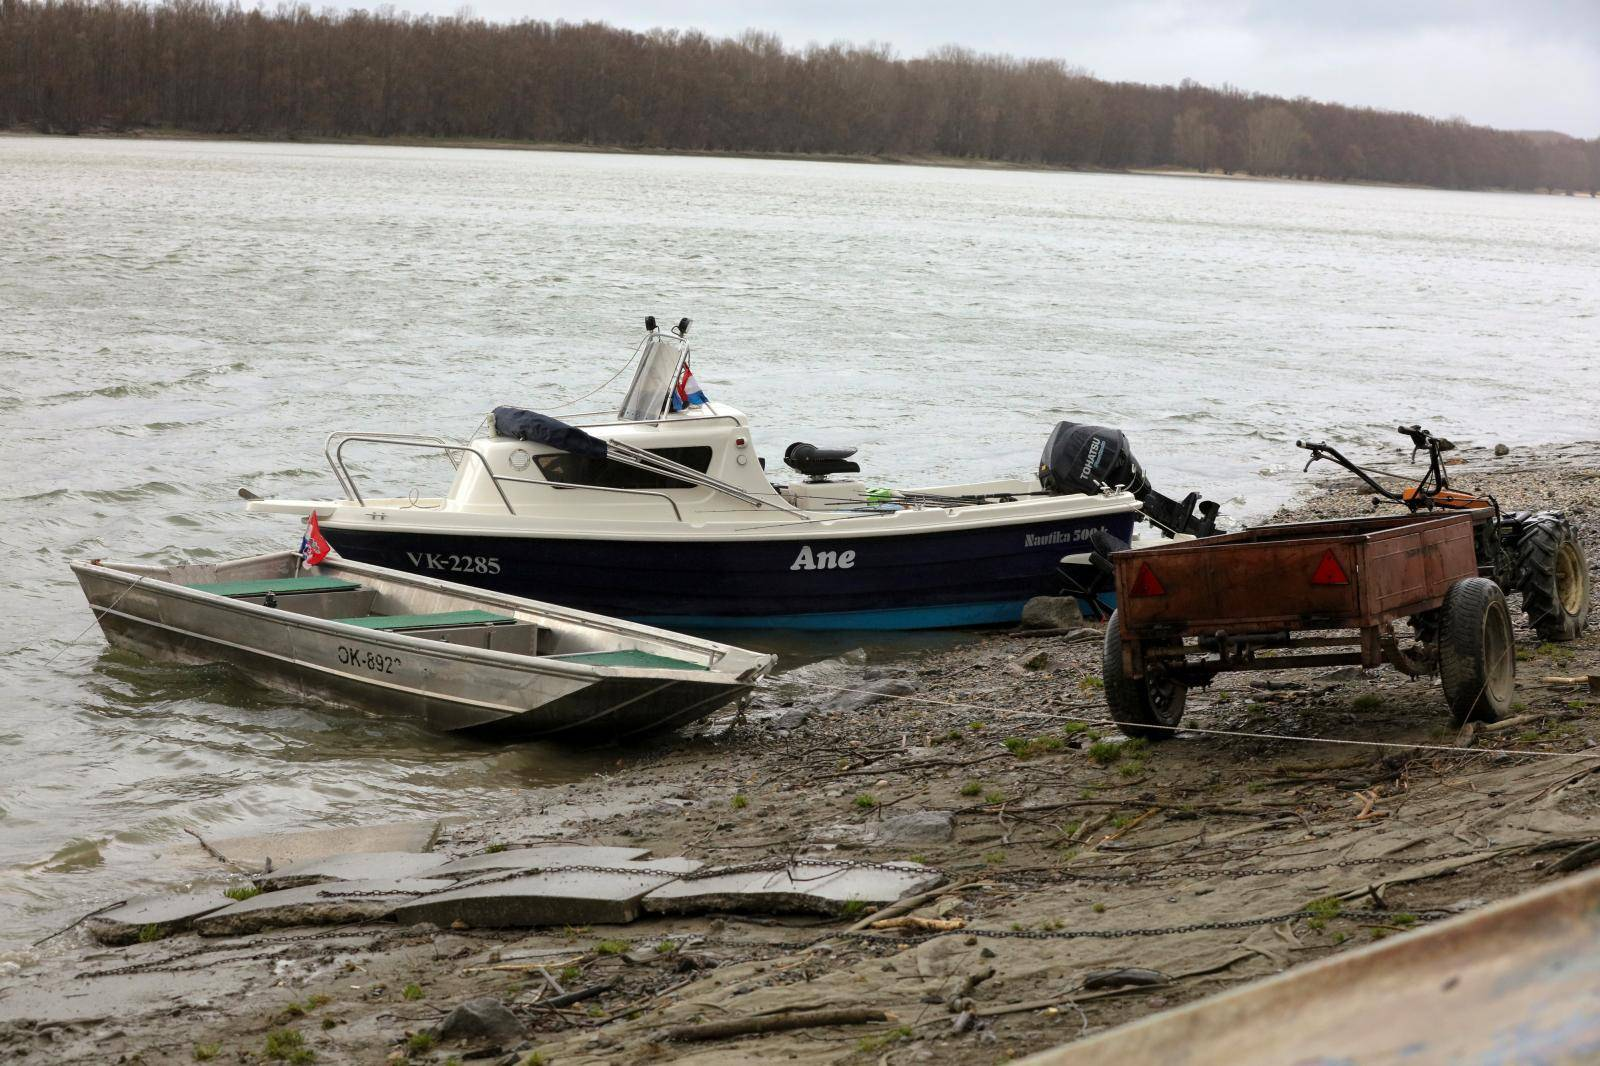 Sinoć u Aljmašu u čamcu pronađena tijela dva ribiča